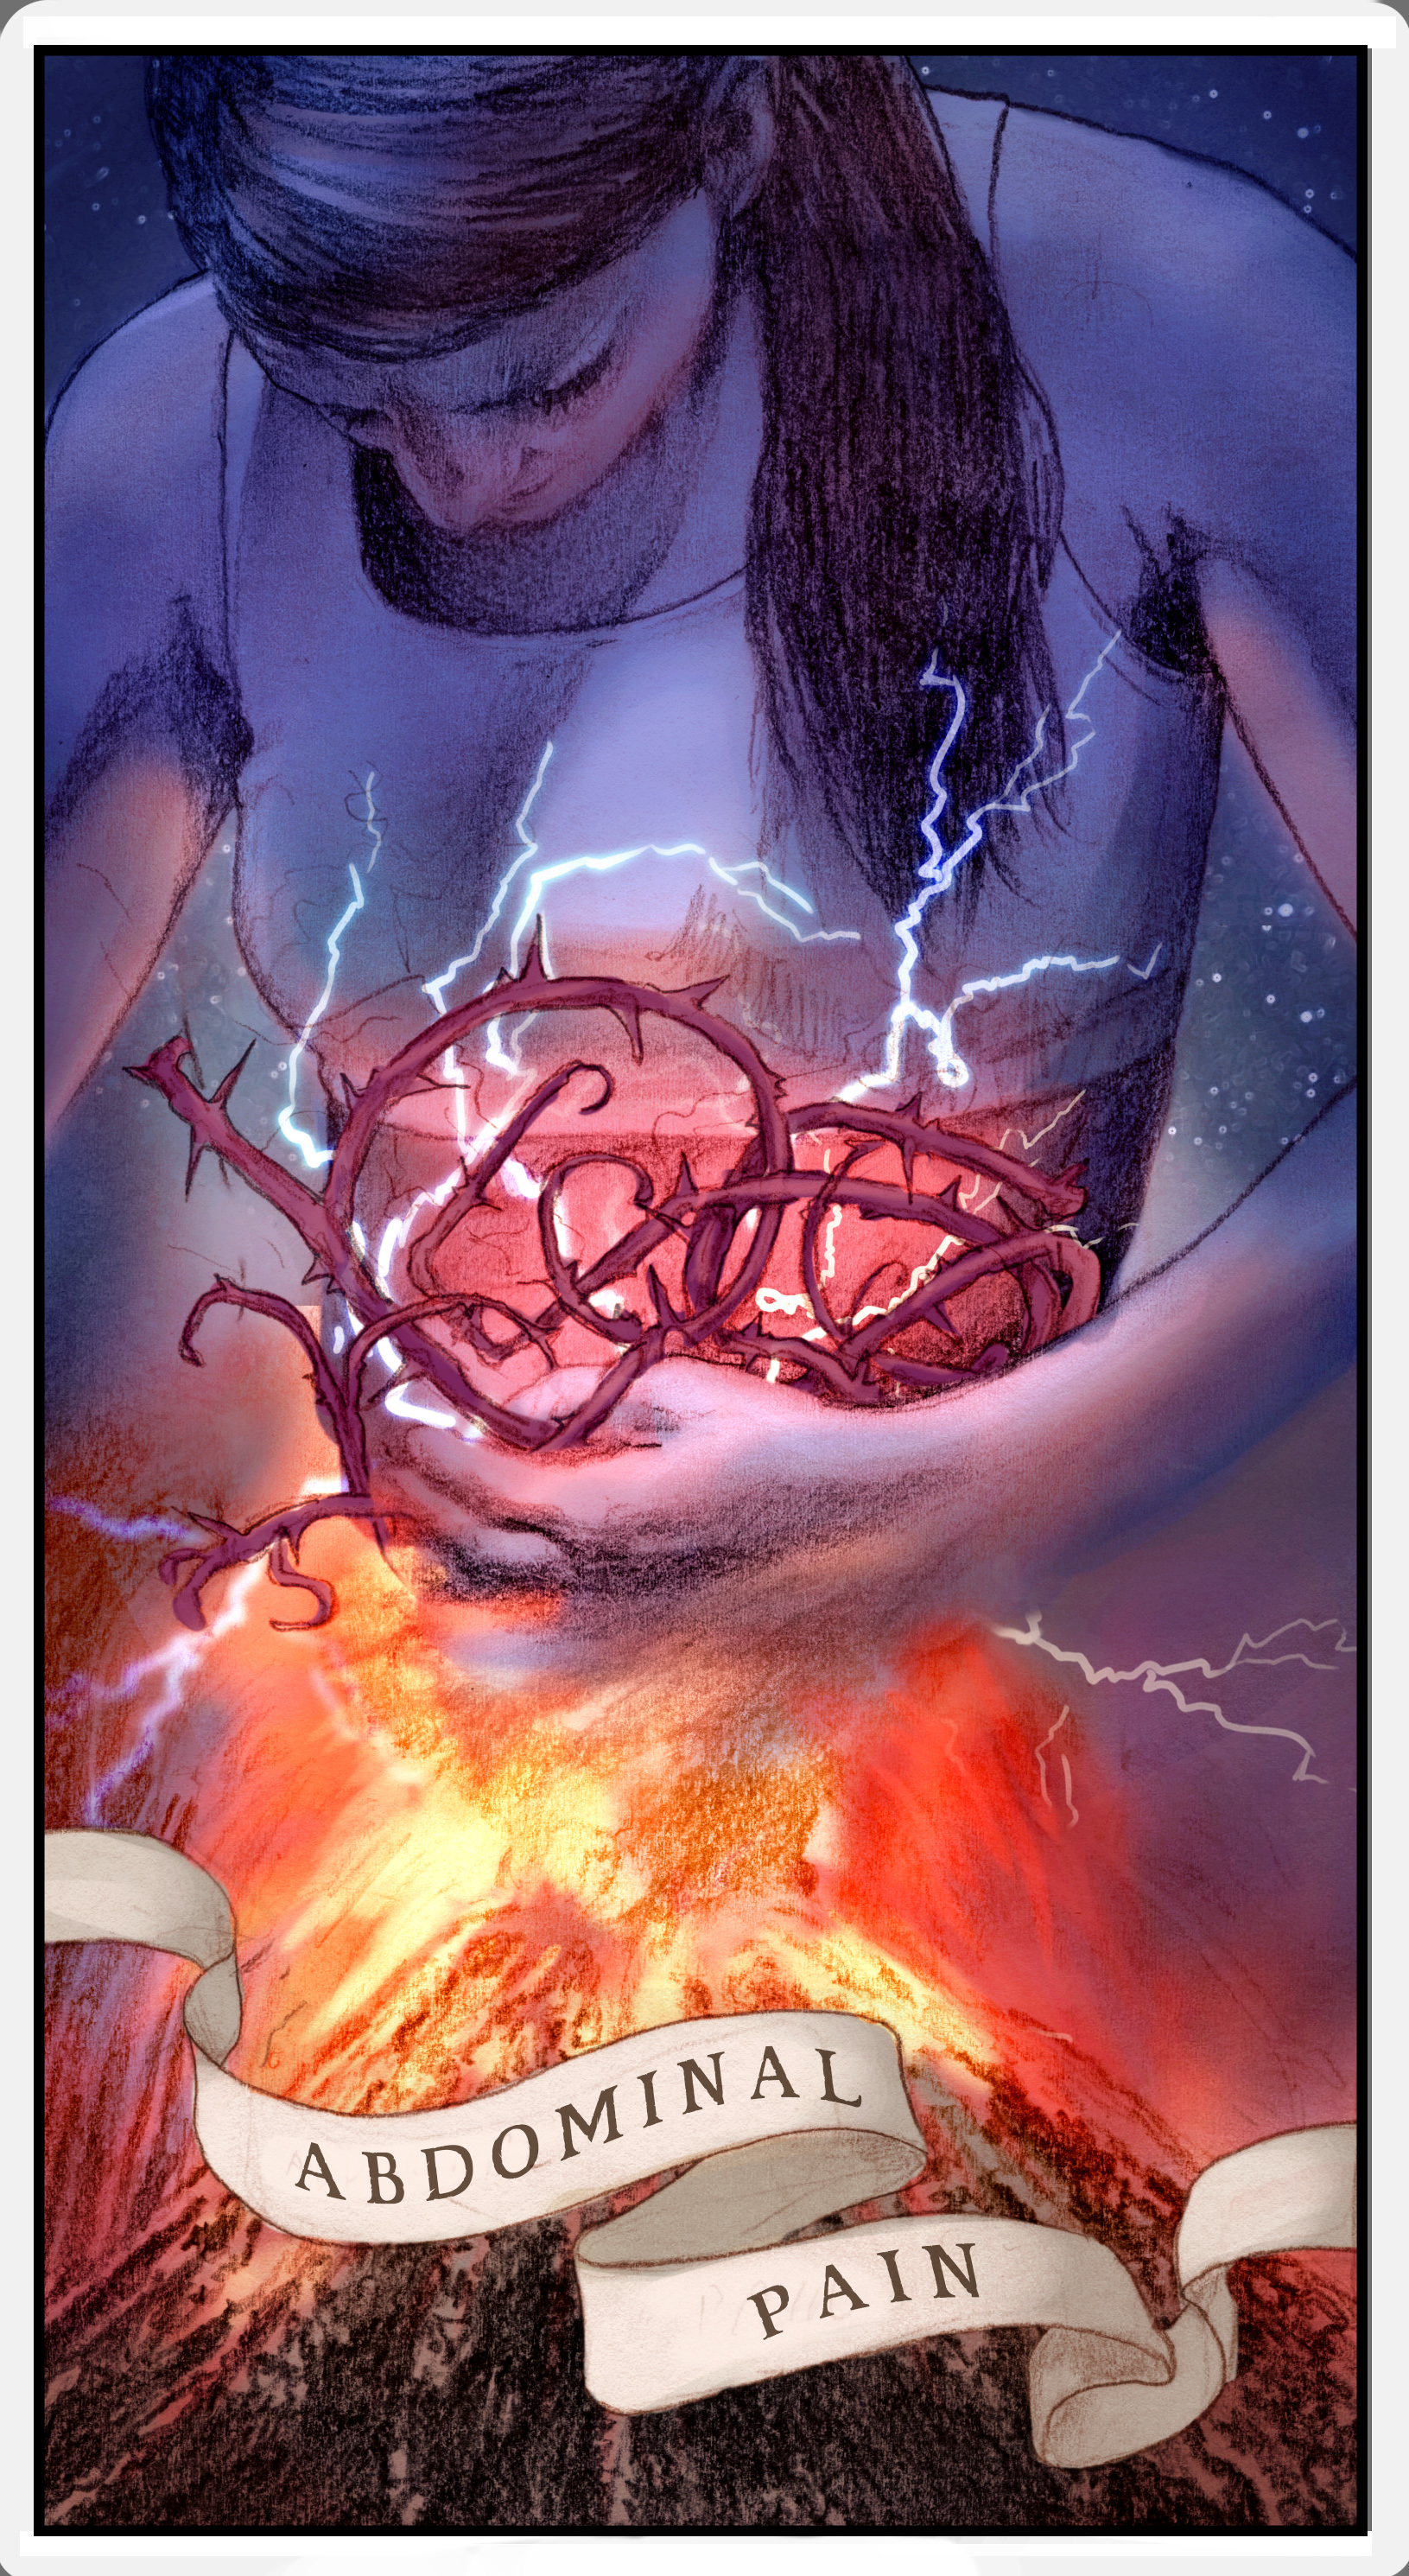 abdominal pain v2.jpg